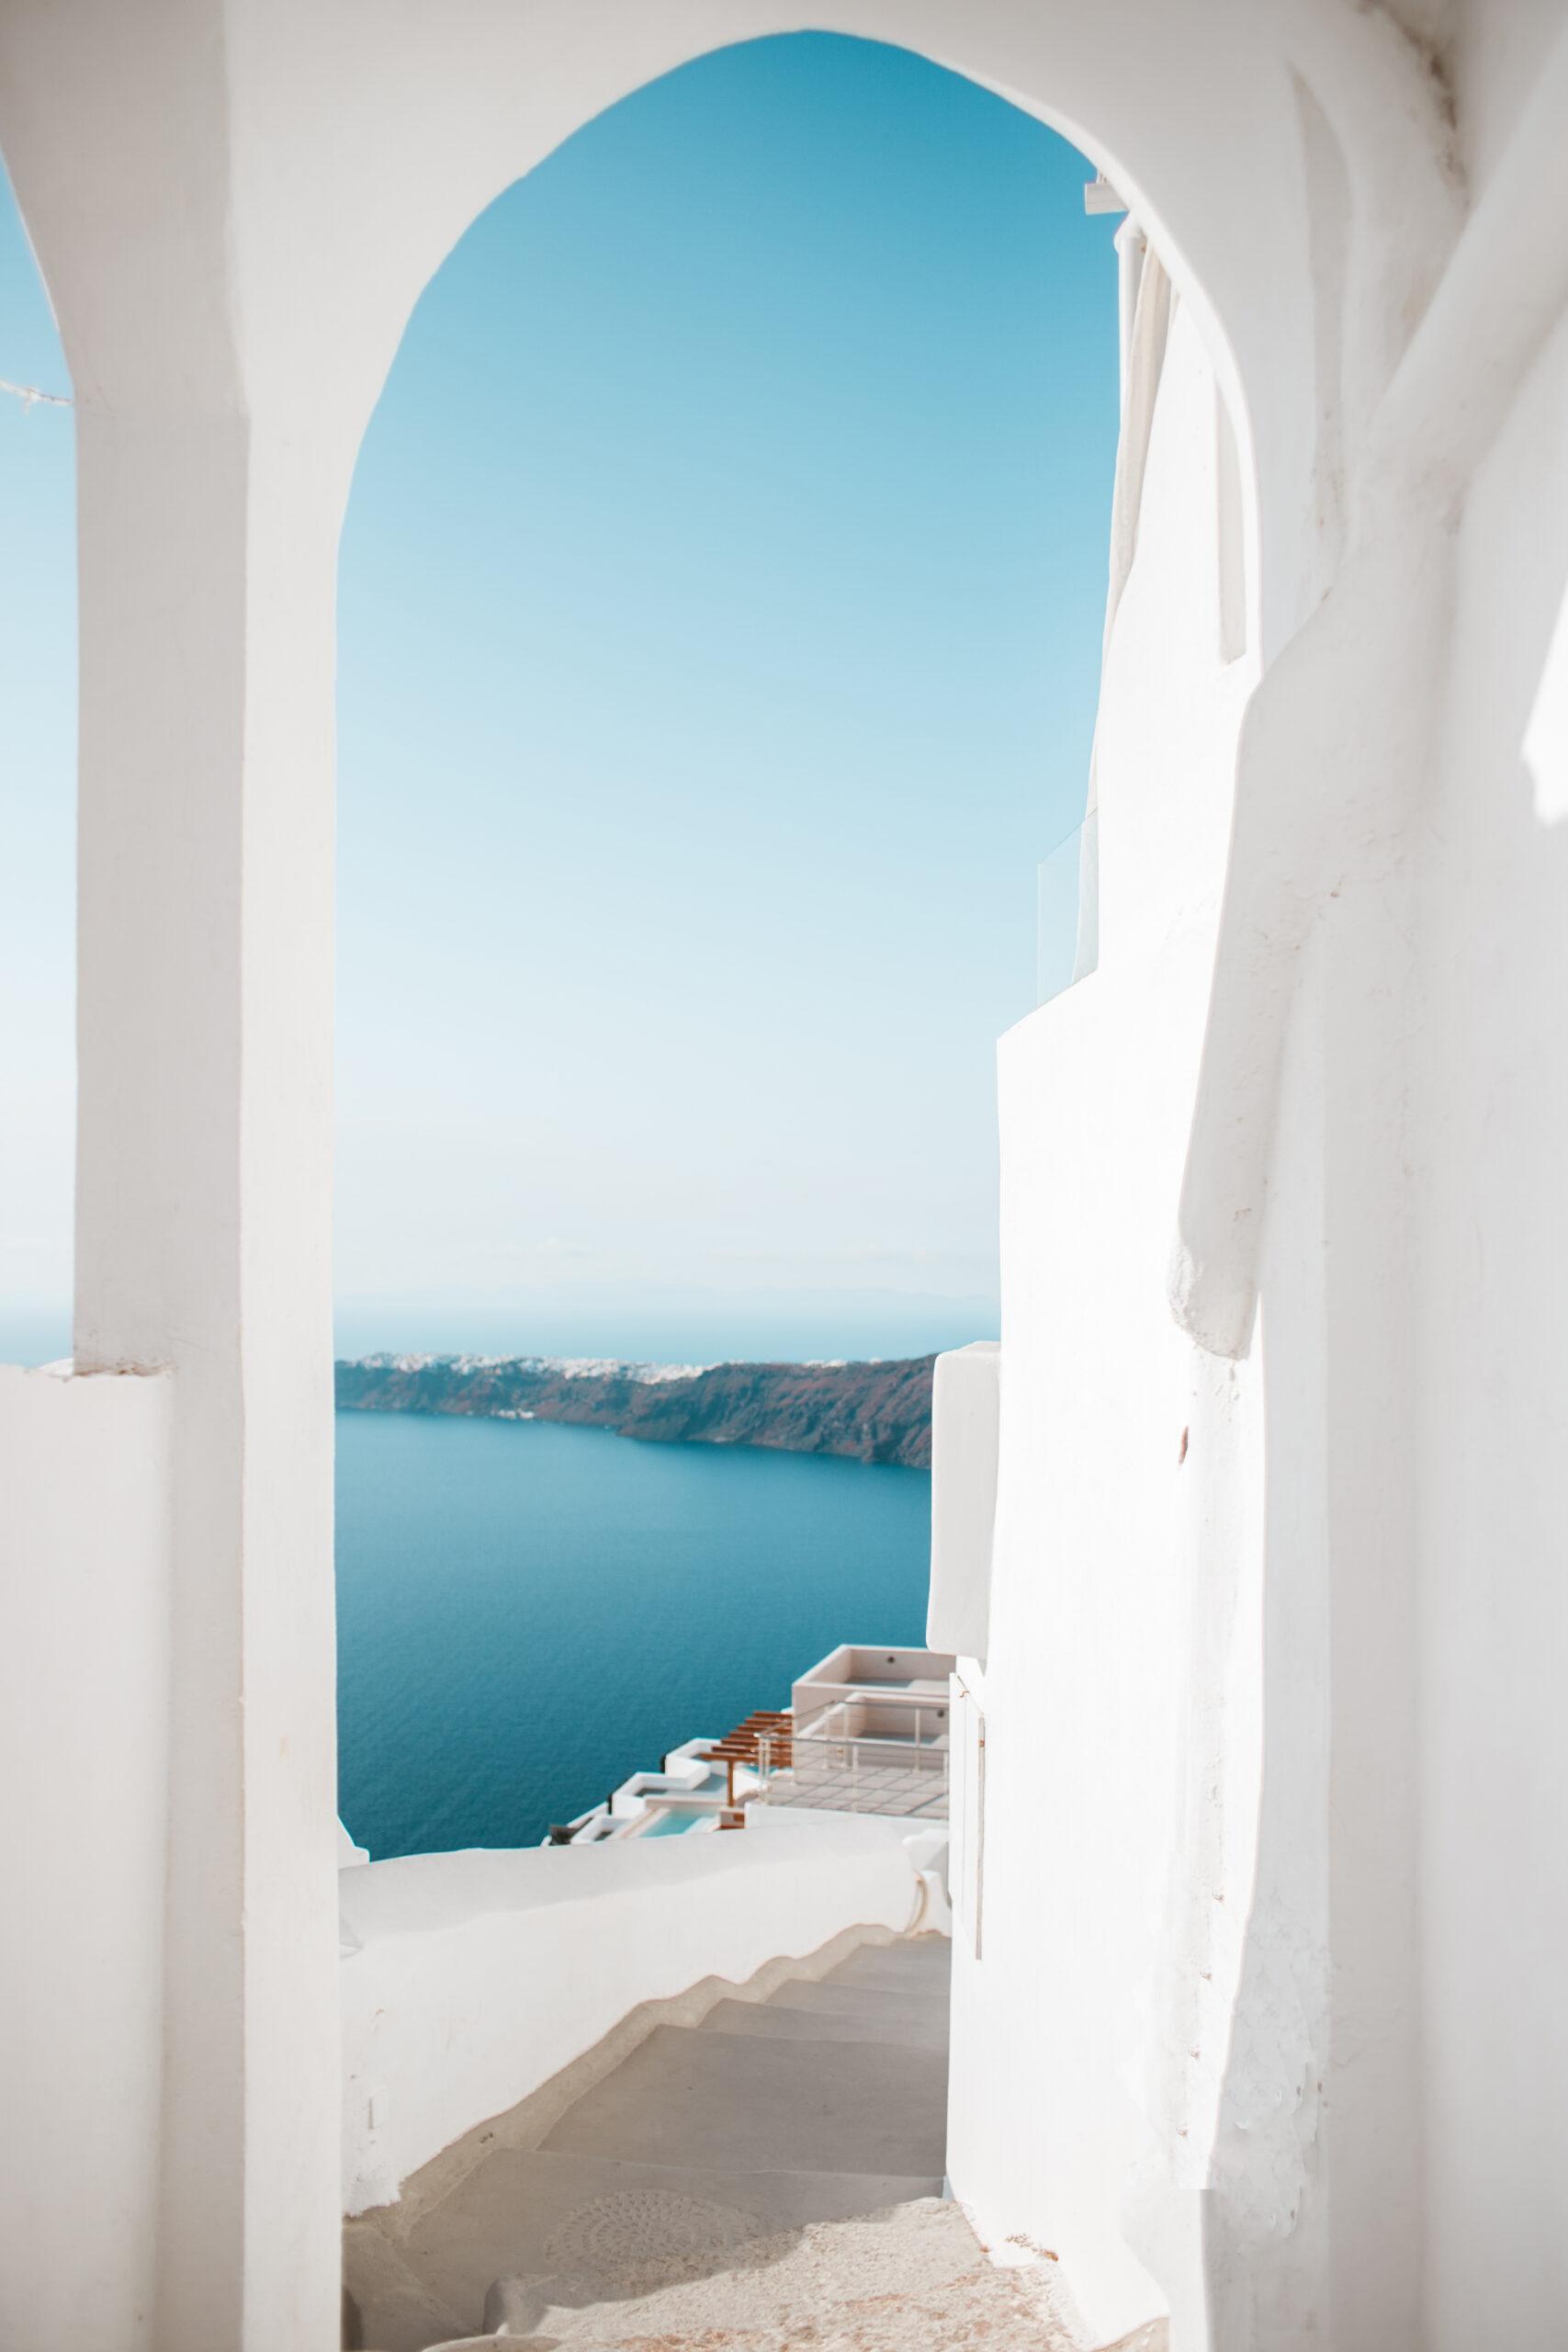 Snatorini schody, co zobaczyć, atrakcje, Imerovigli blog podrozniczy